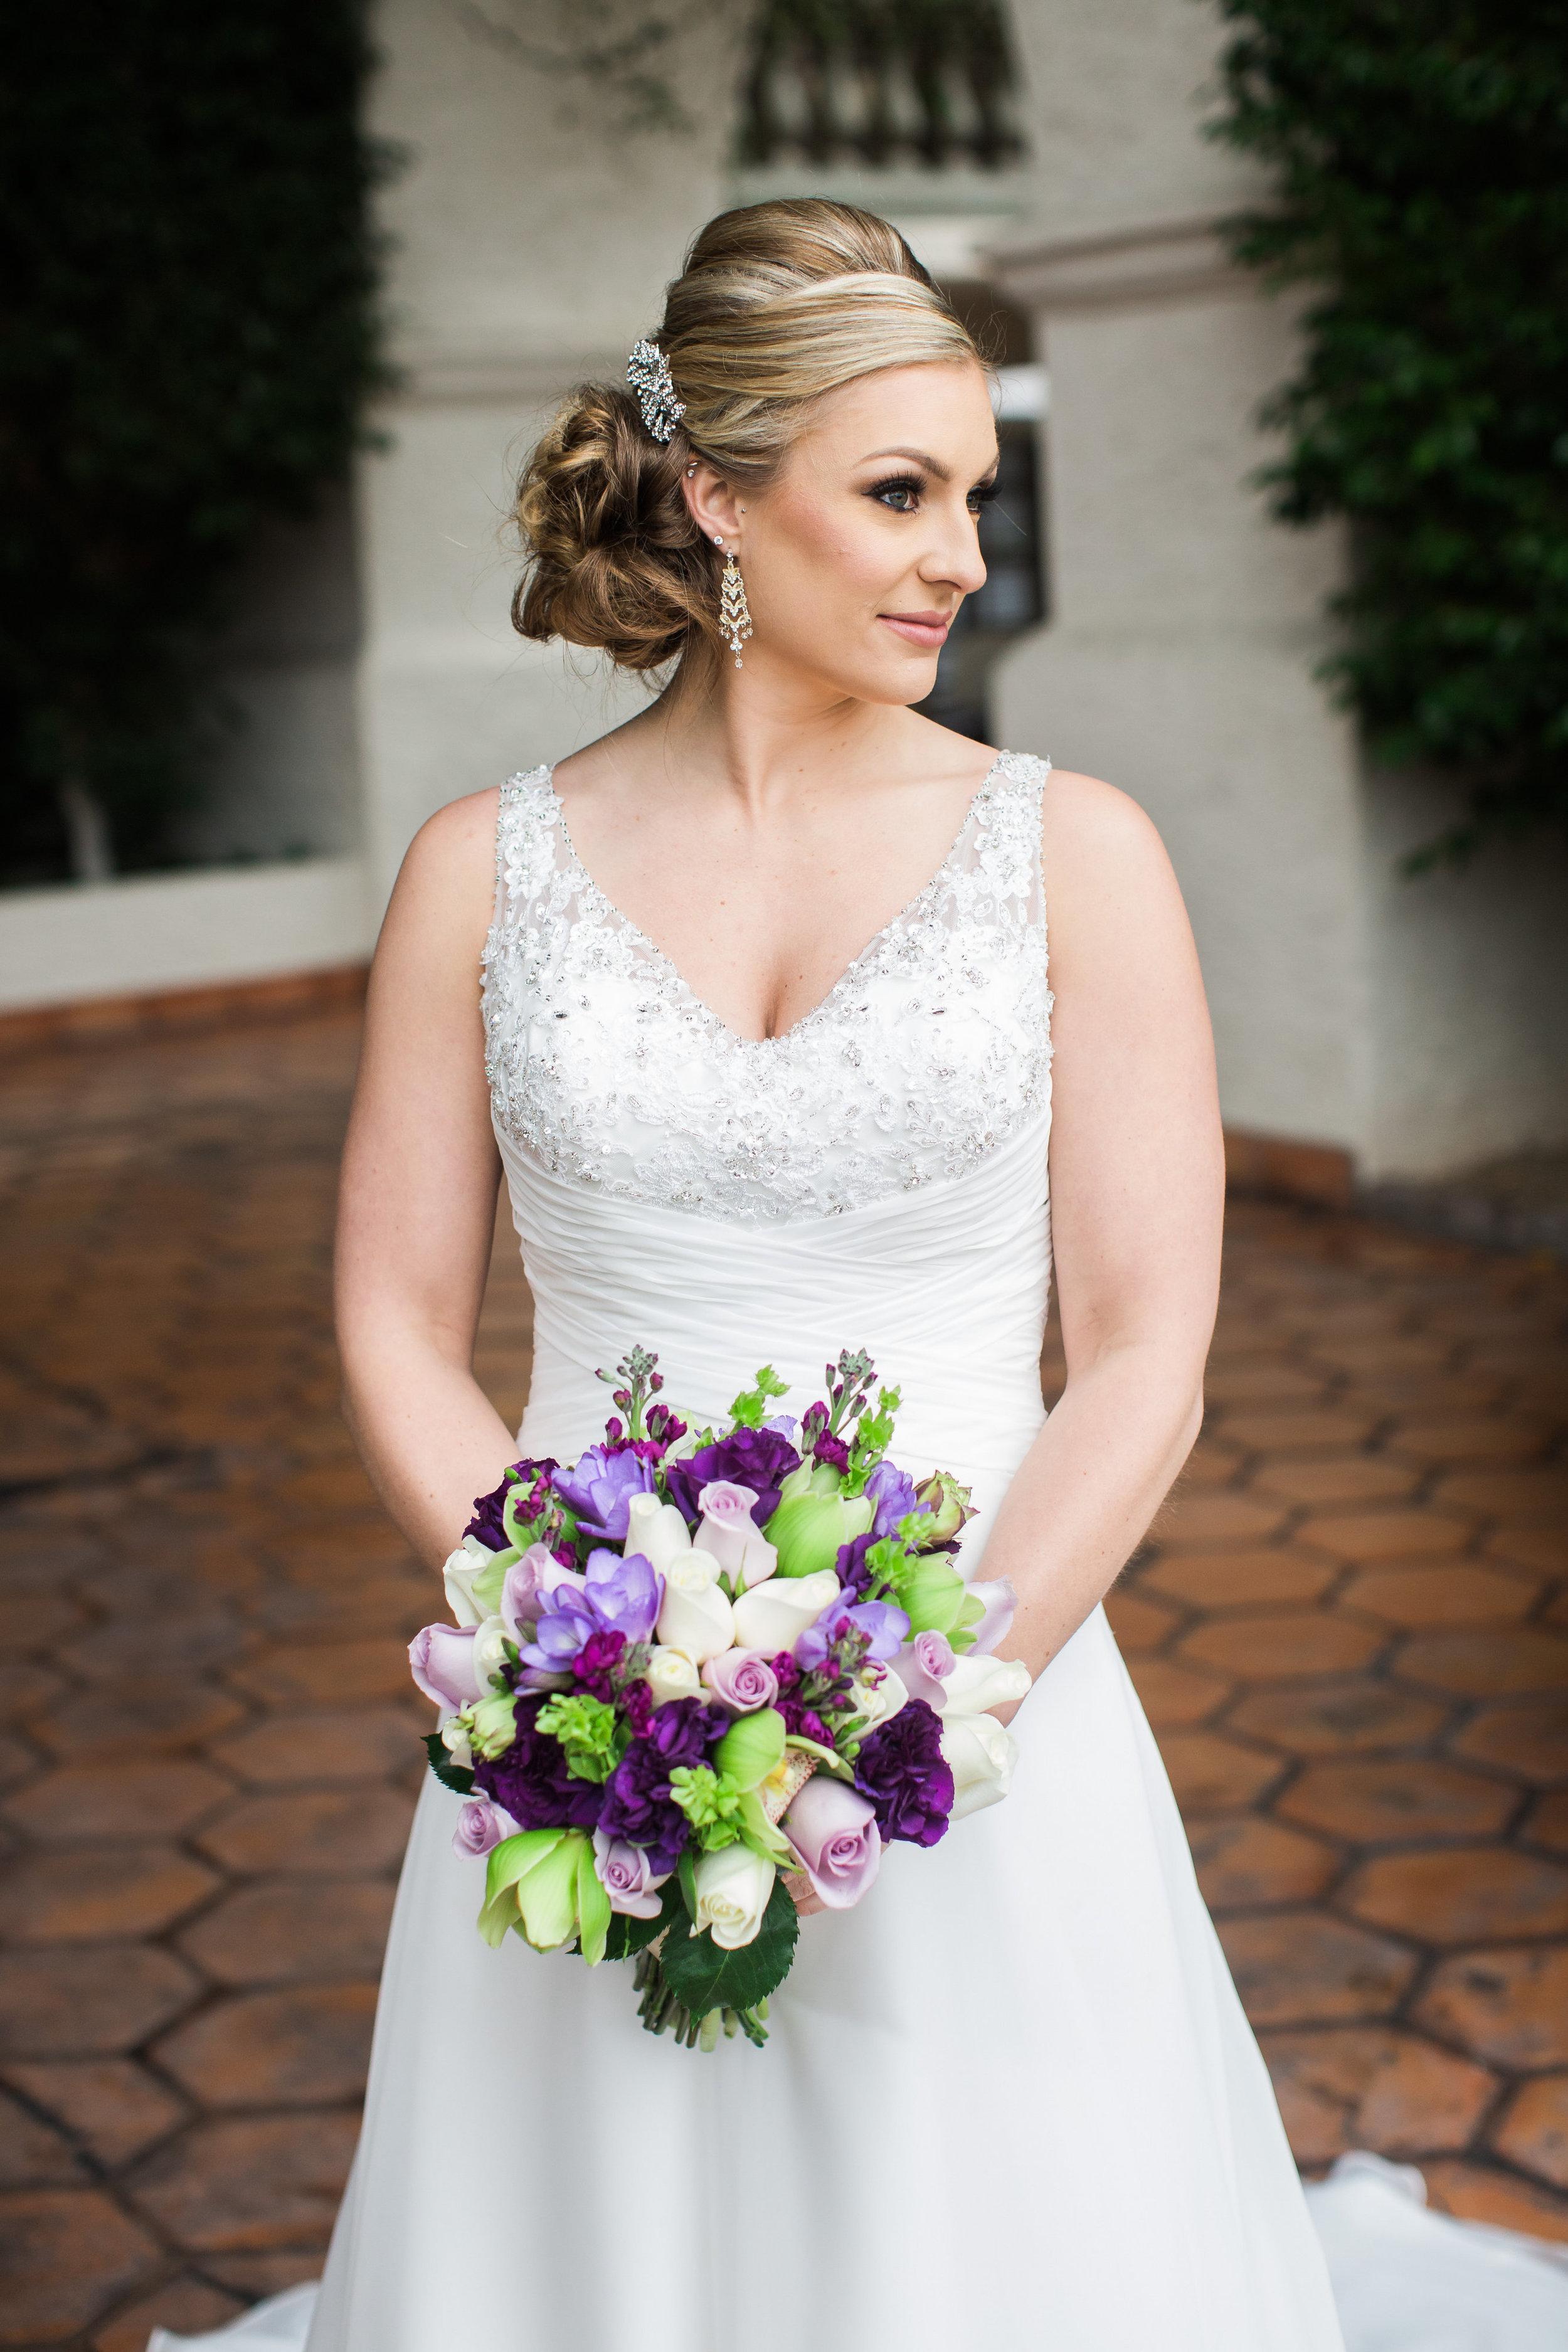 Bridal4thewin_phxmakeup43.jpg